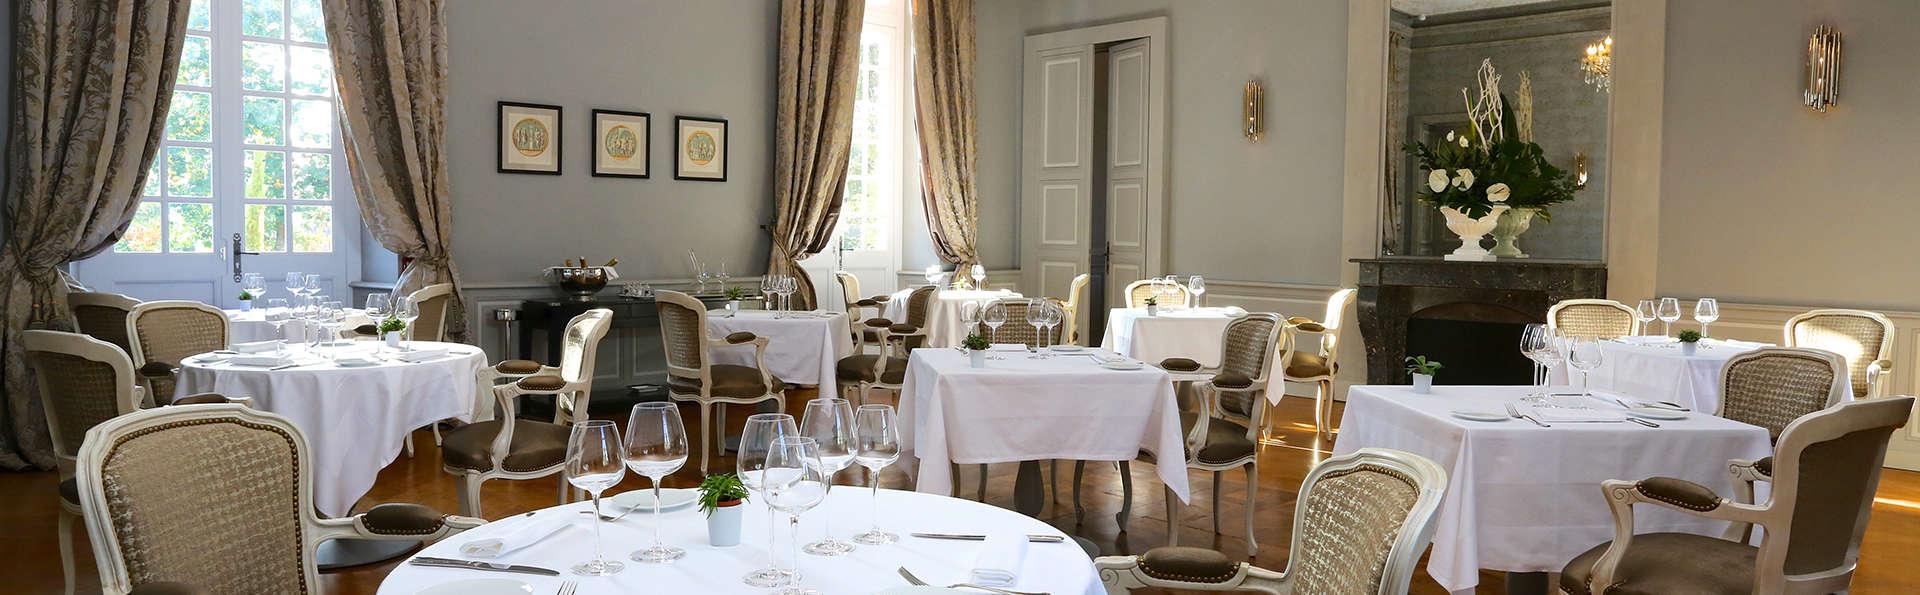 Dîner gastronomique dans un château près de Toulouse